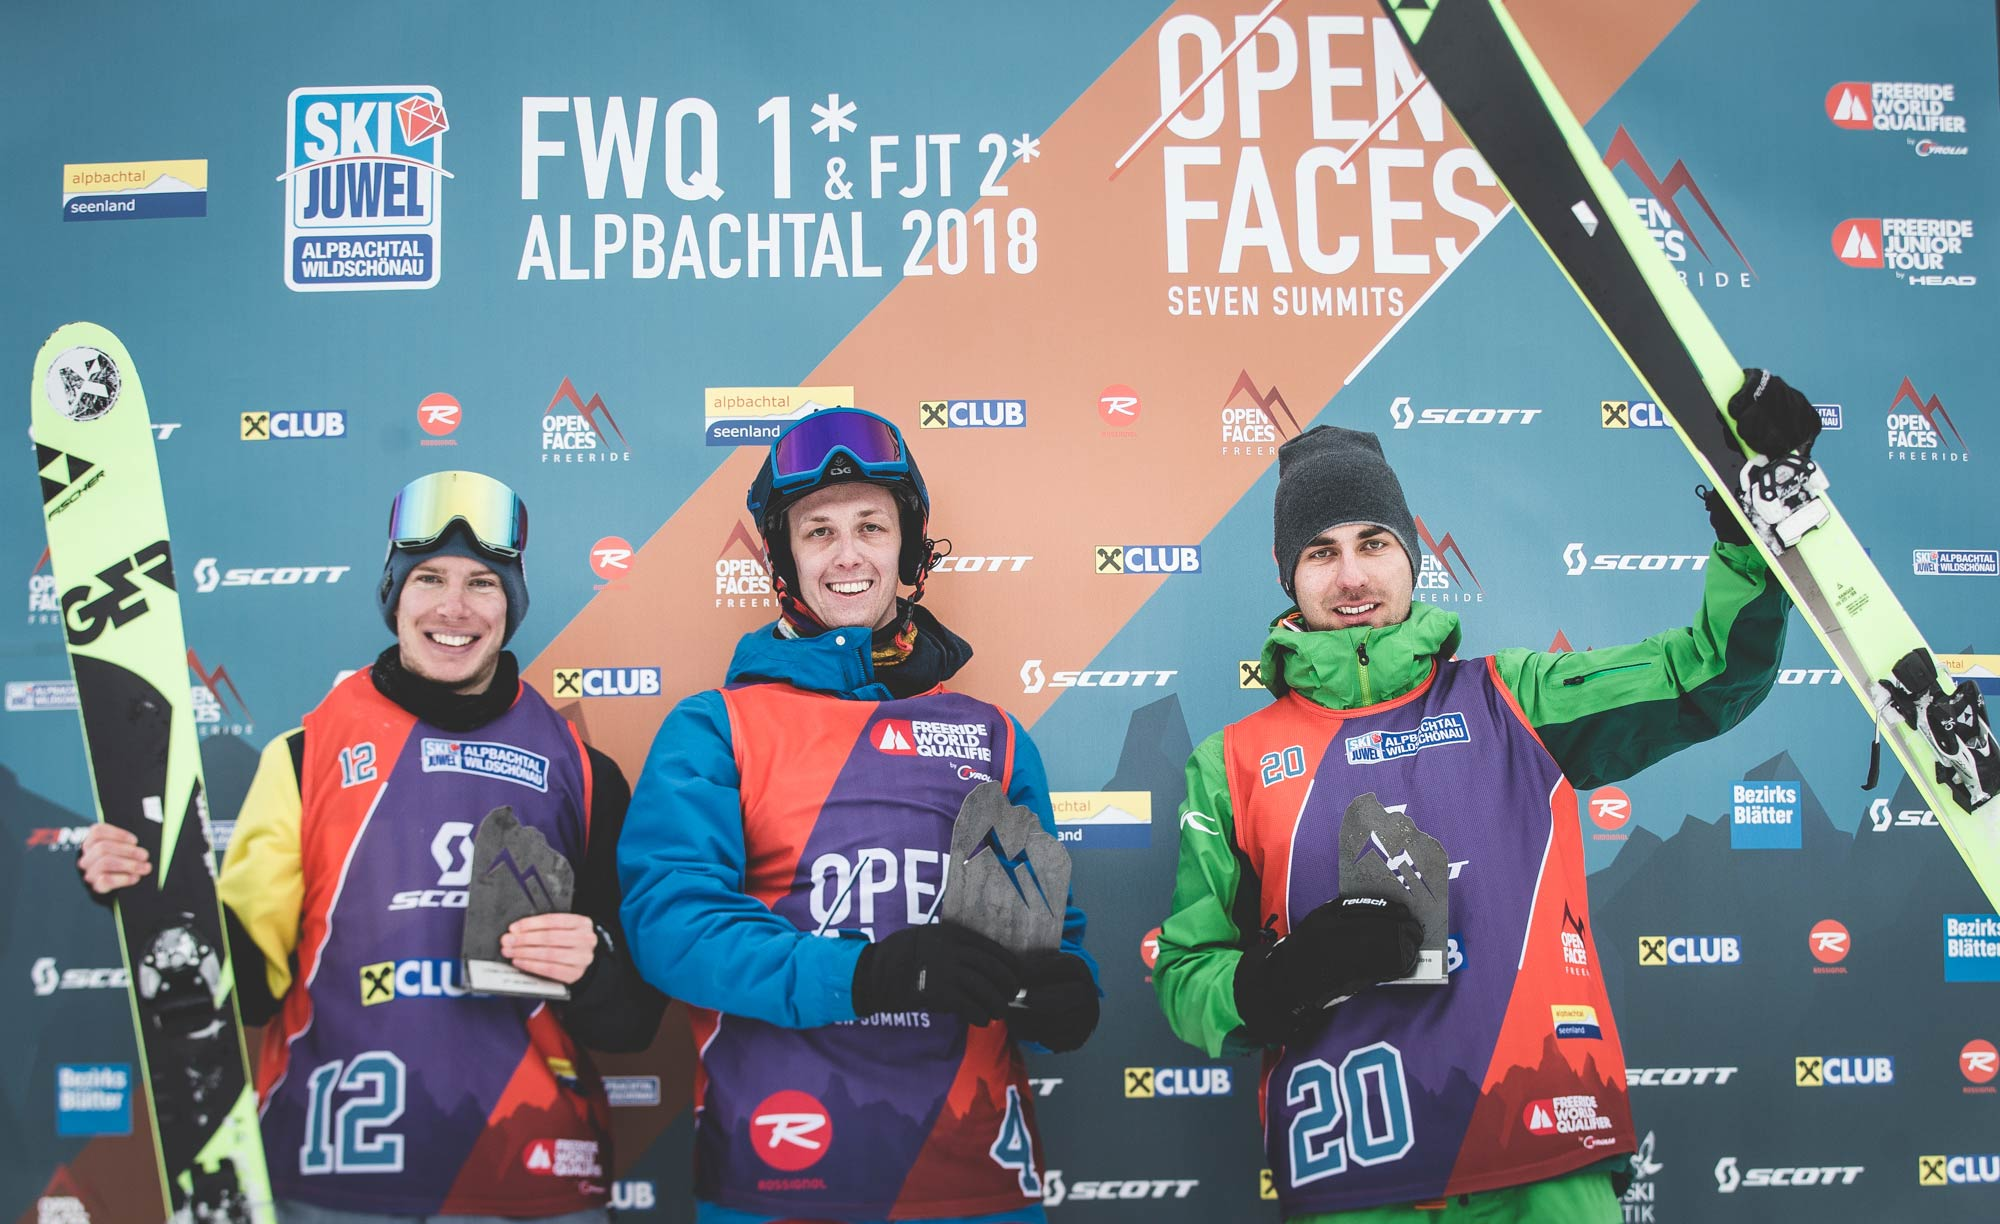 Die Top 3 Männer beim Open Faces Freeride Contests in Alpbach (FWQ): Bernhard Gigler, Philipp Koller und Markus Breitfuß (alle aus Österreich) - Foto: Open Faces / Mia Knoll